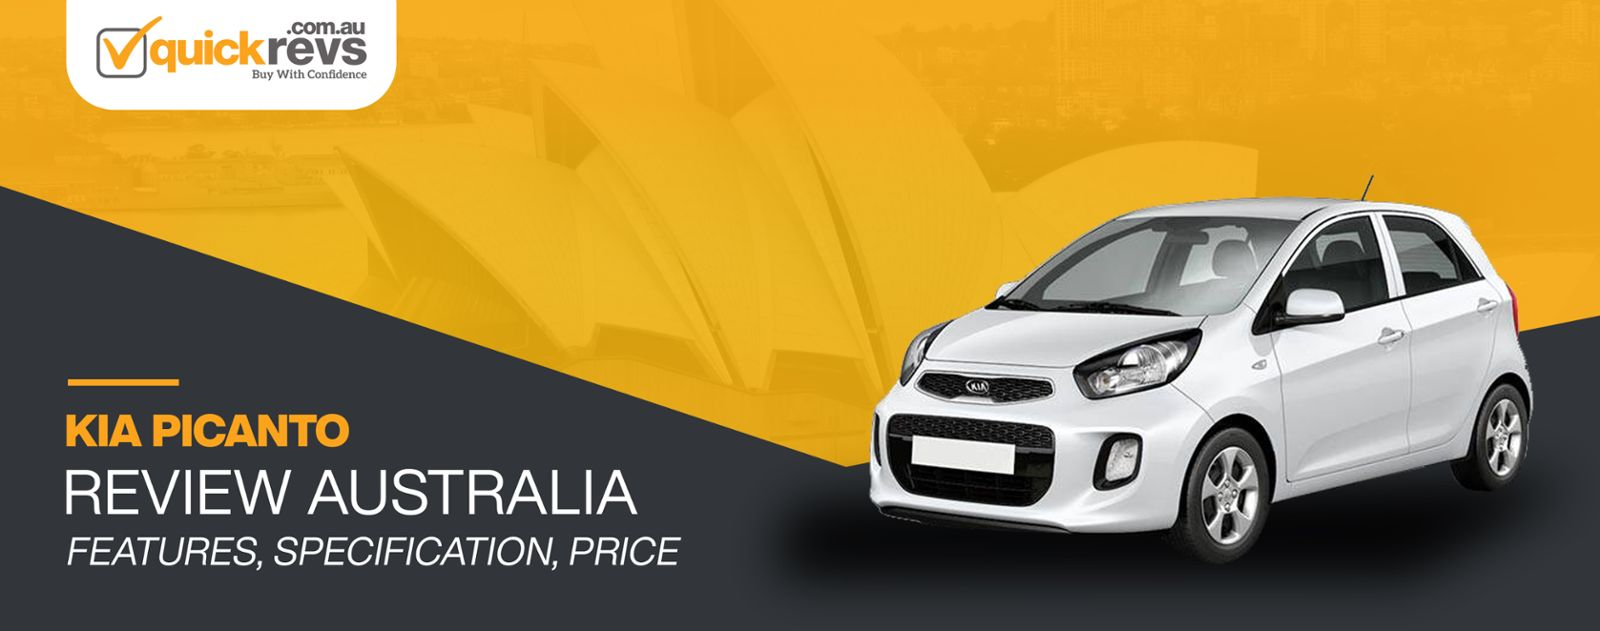 Kia Picanto Review Australia